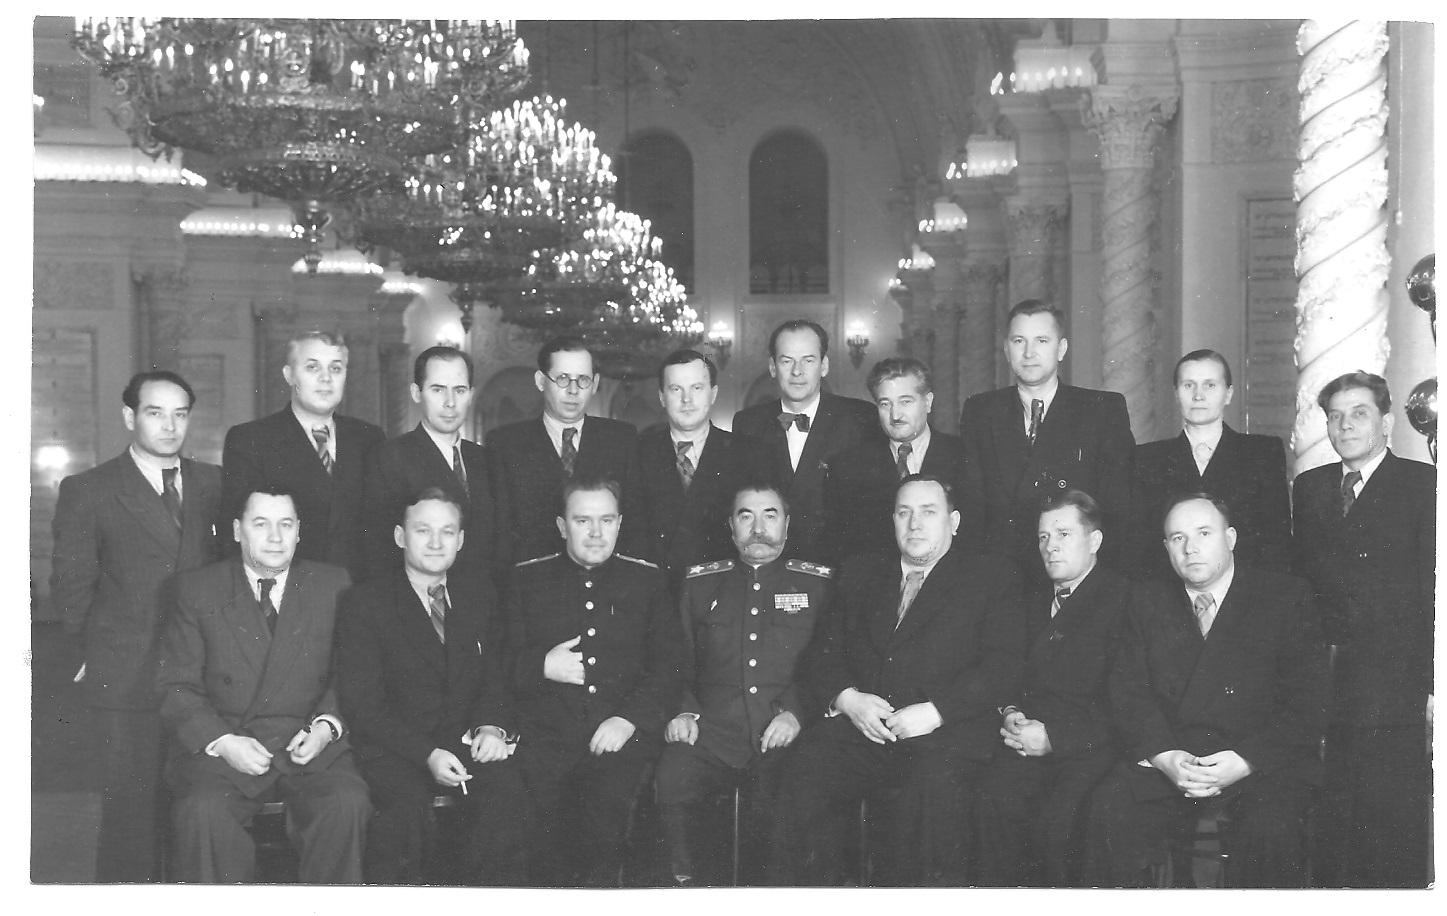 Ленинградская делегация 19 съезд партии